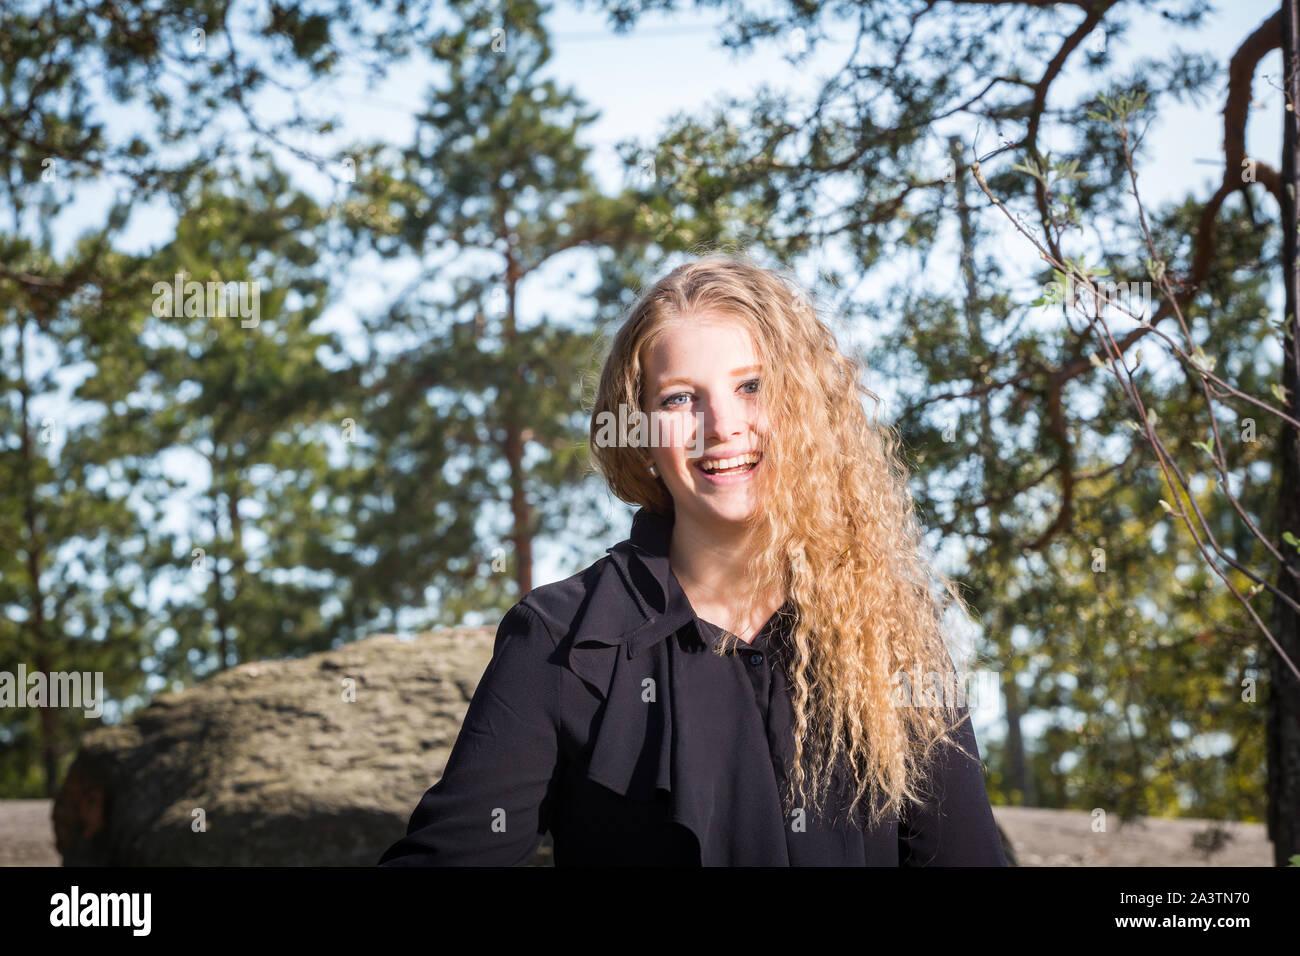 Kaunis pitkähiuksinen vaalea nainen metsässä Stock Photo